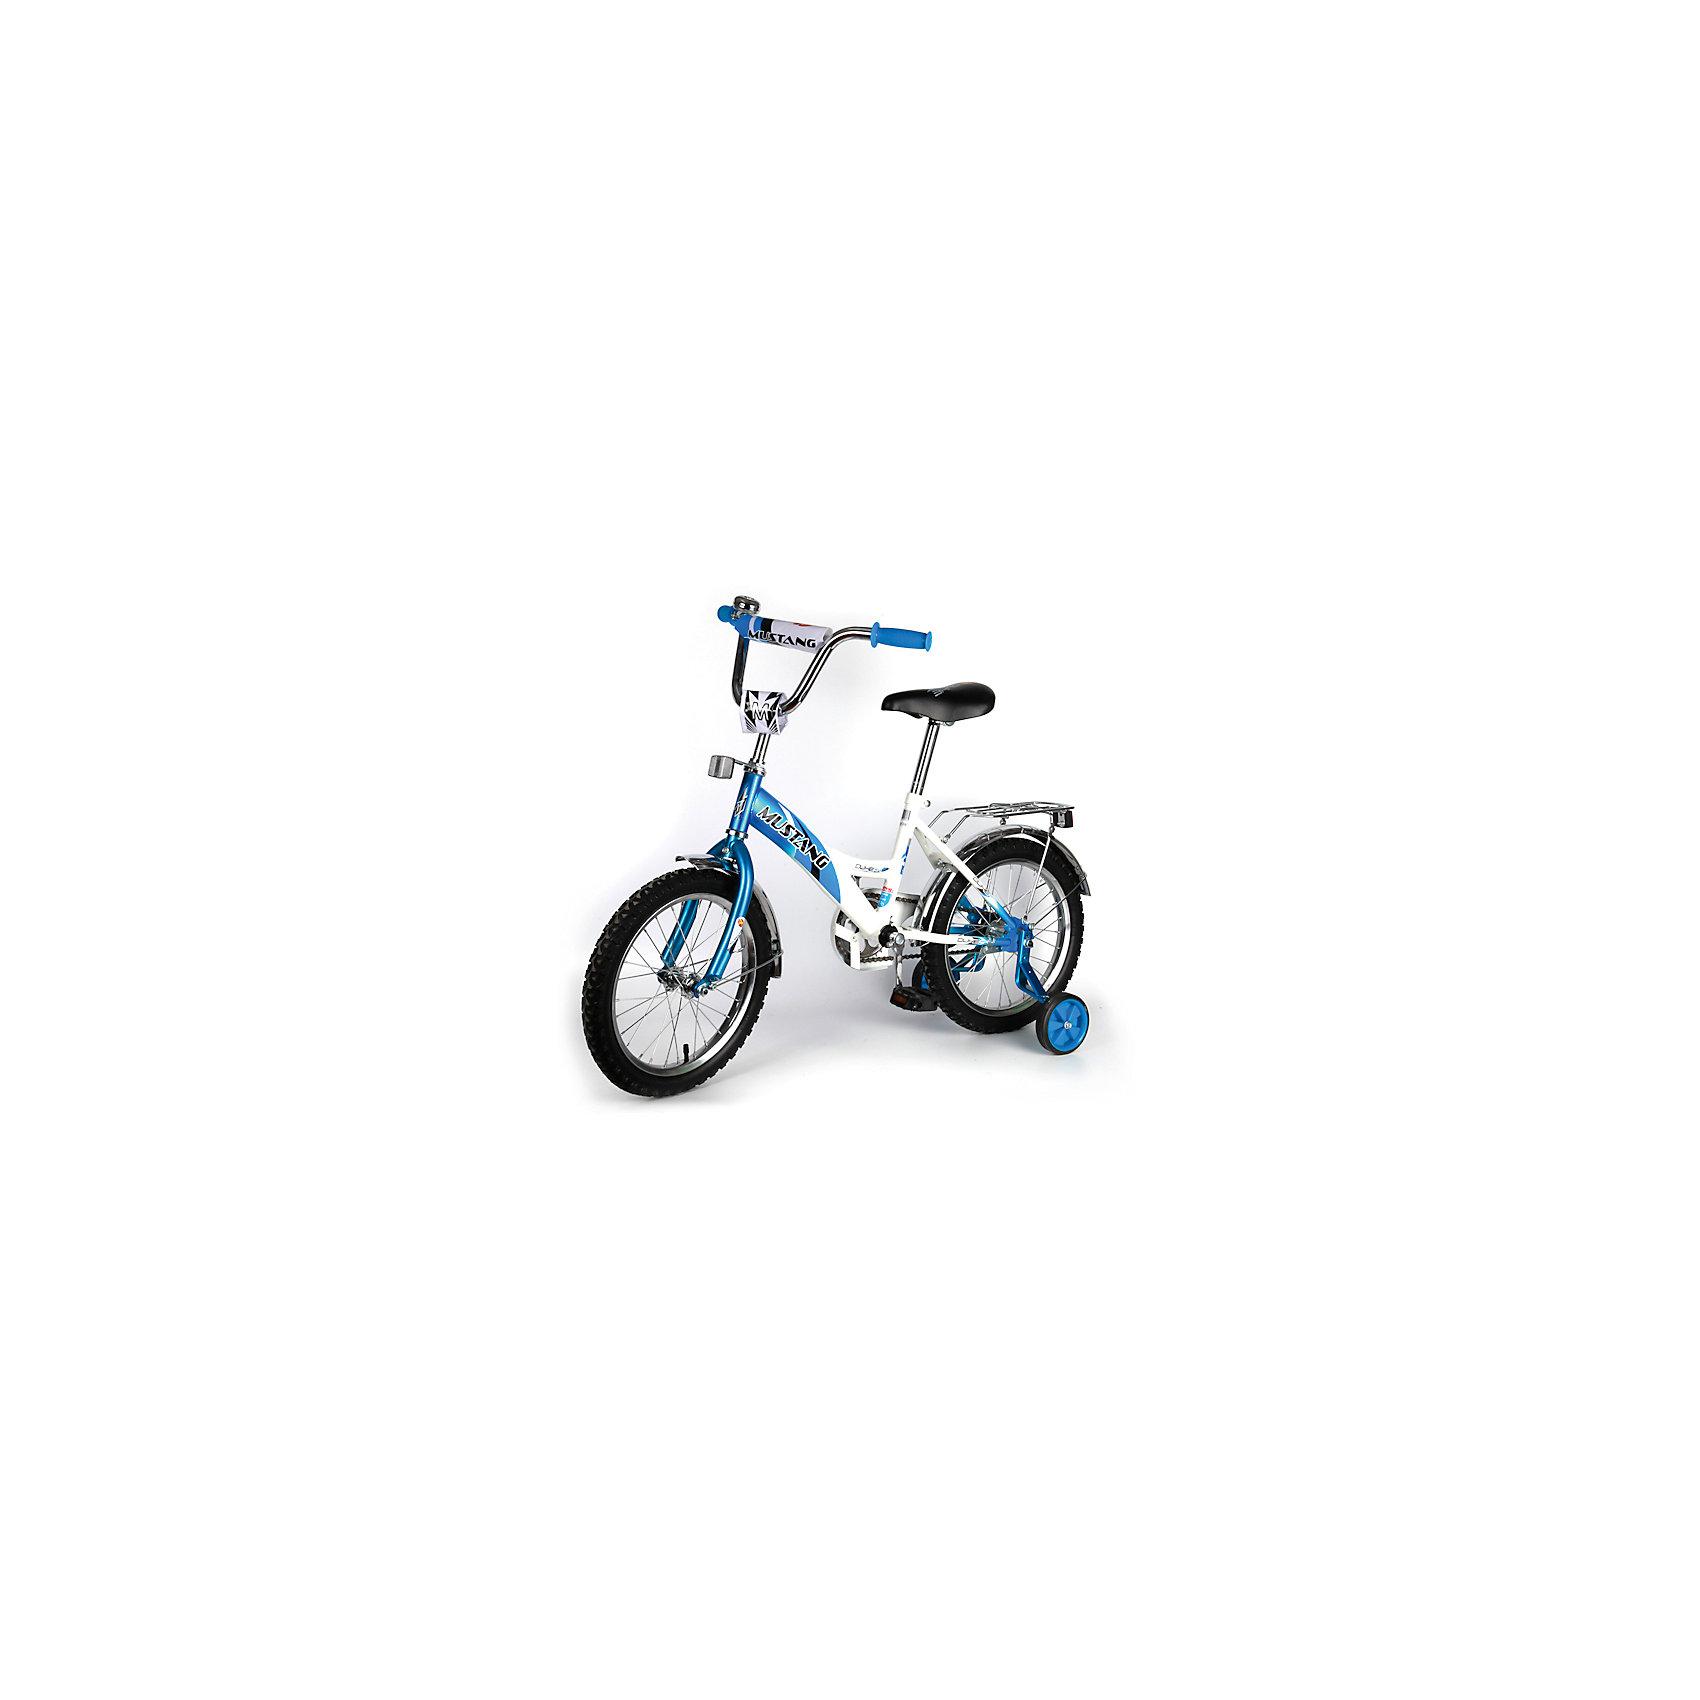 """Детский велосипед,  16,  синий/белый, MustangВелосипеды детские<br>Велосипед детский «Mustang» 16, низкая рама, 1 скорость, задний ножной тормоз, регулируемый хромированный руль с защитной накладкой, багажник и звонок, ограничитель поворота руля, приставные пластиковые колеса с усиленным кронштейном, усилен. хром крылья, полная защита цепи """"P"""" типа,  синий/белый<br><br>Ширина мм: 530<br>Глубина мм: 810<br>Высота мм: 1110<br>Вес г: 11500<br>Возраст от месяцев: 36<br>Возраст до месяцев: 84<br>Пол: Мужской<br>Возраст: Детский<br>SKU: 5526395"""